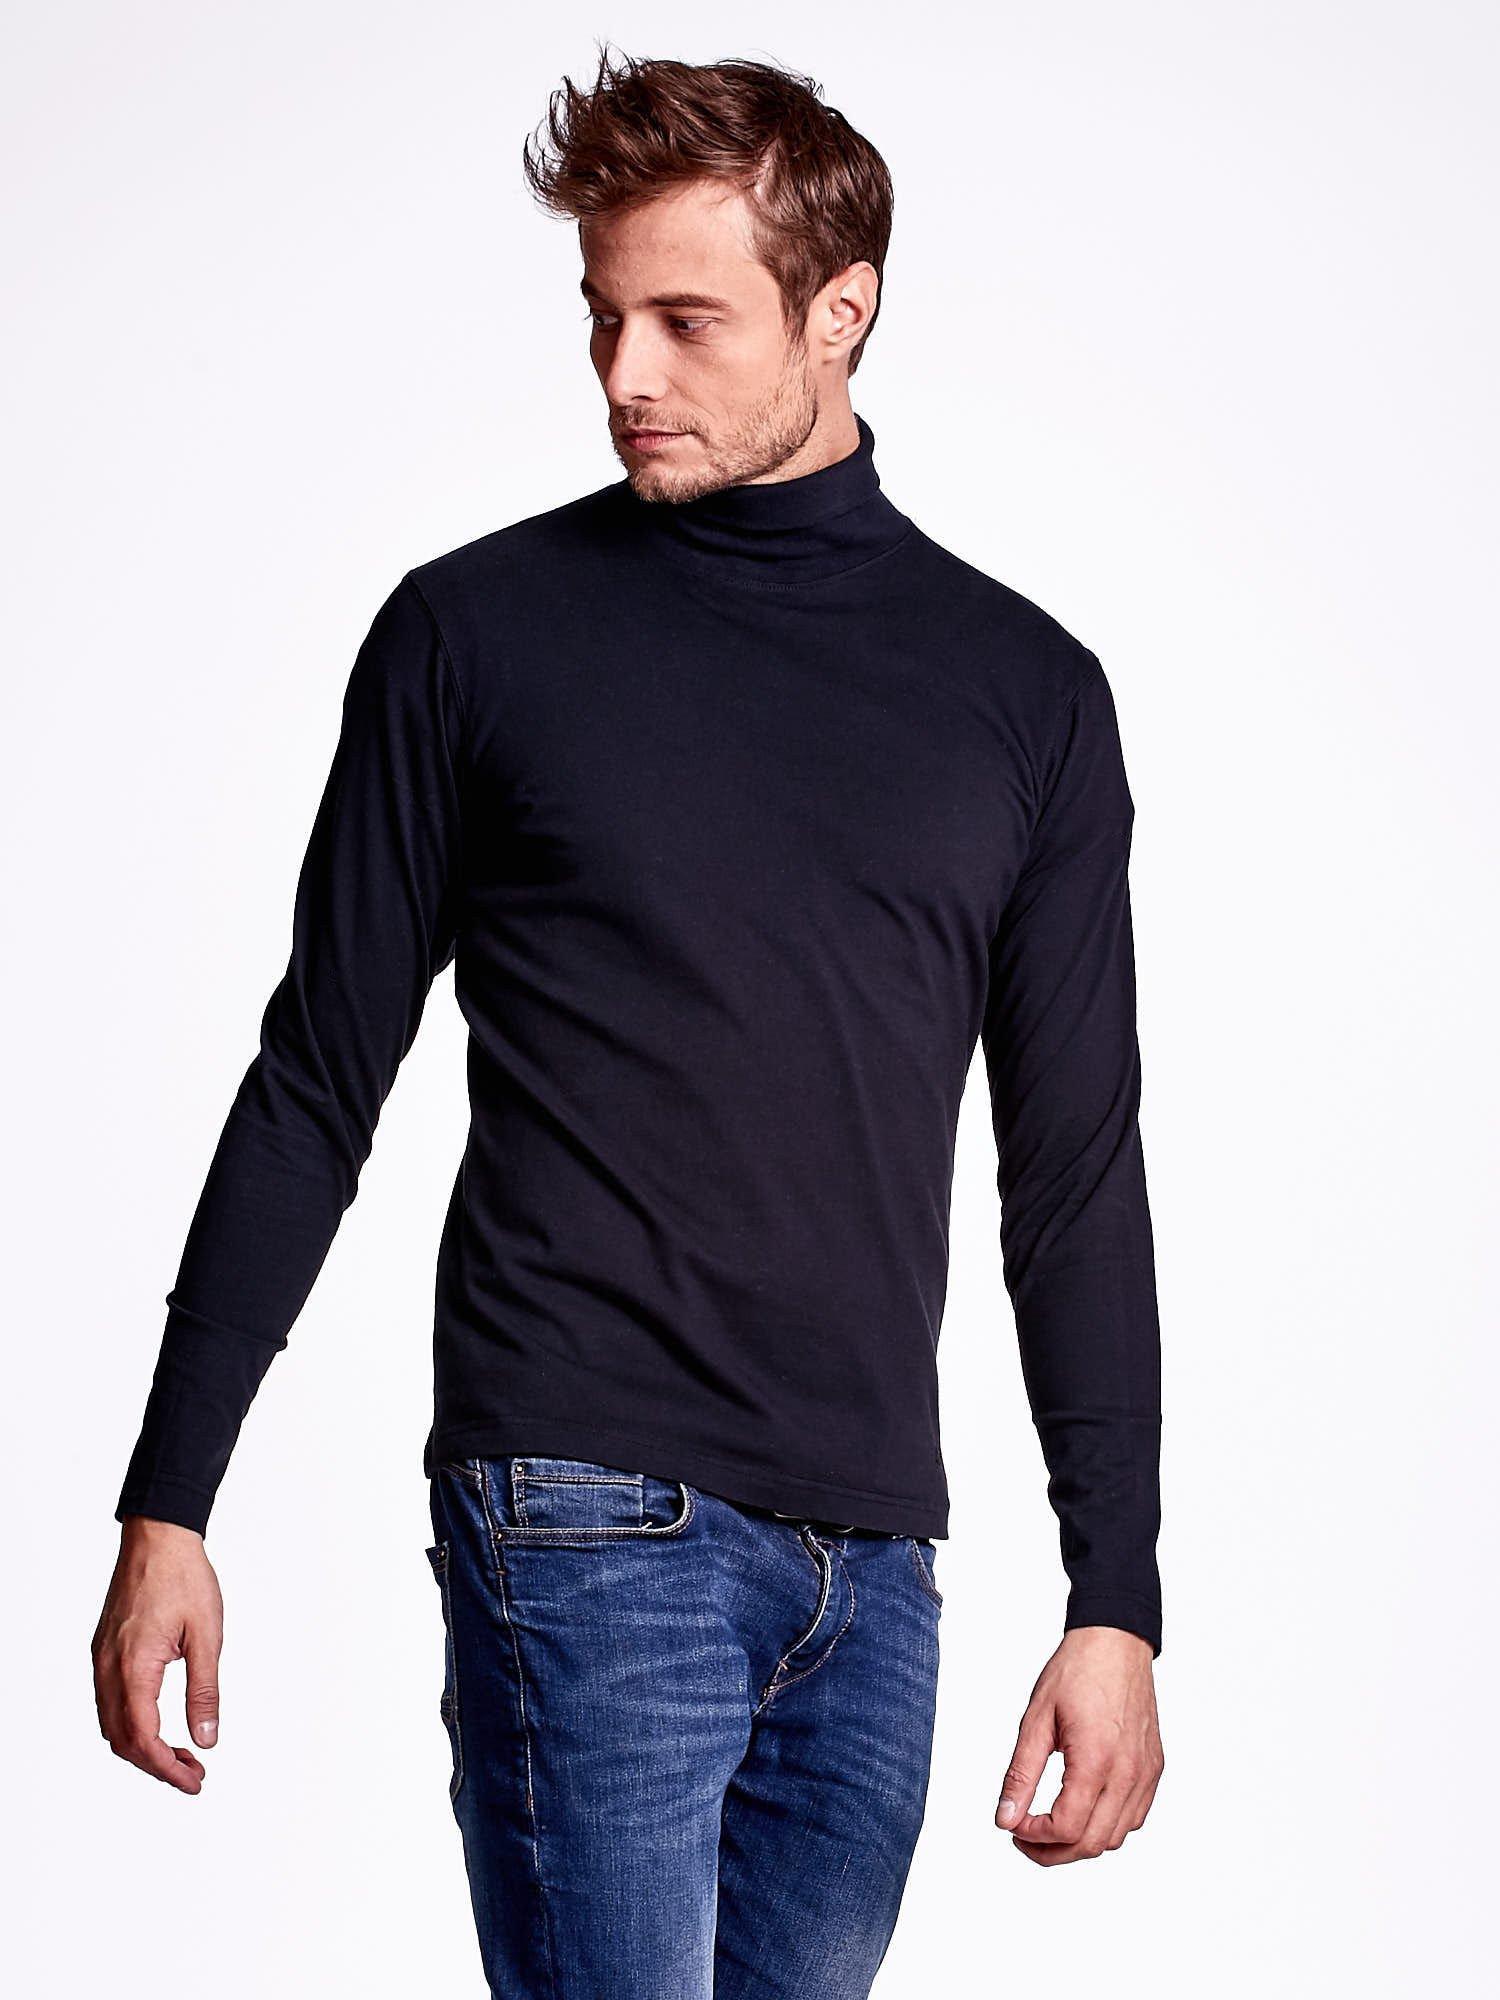 Czarna bluzka męska z golfem                                  zdj.                                  3